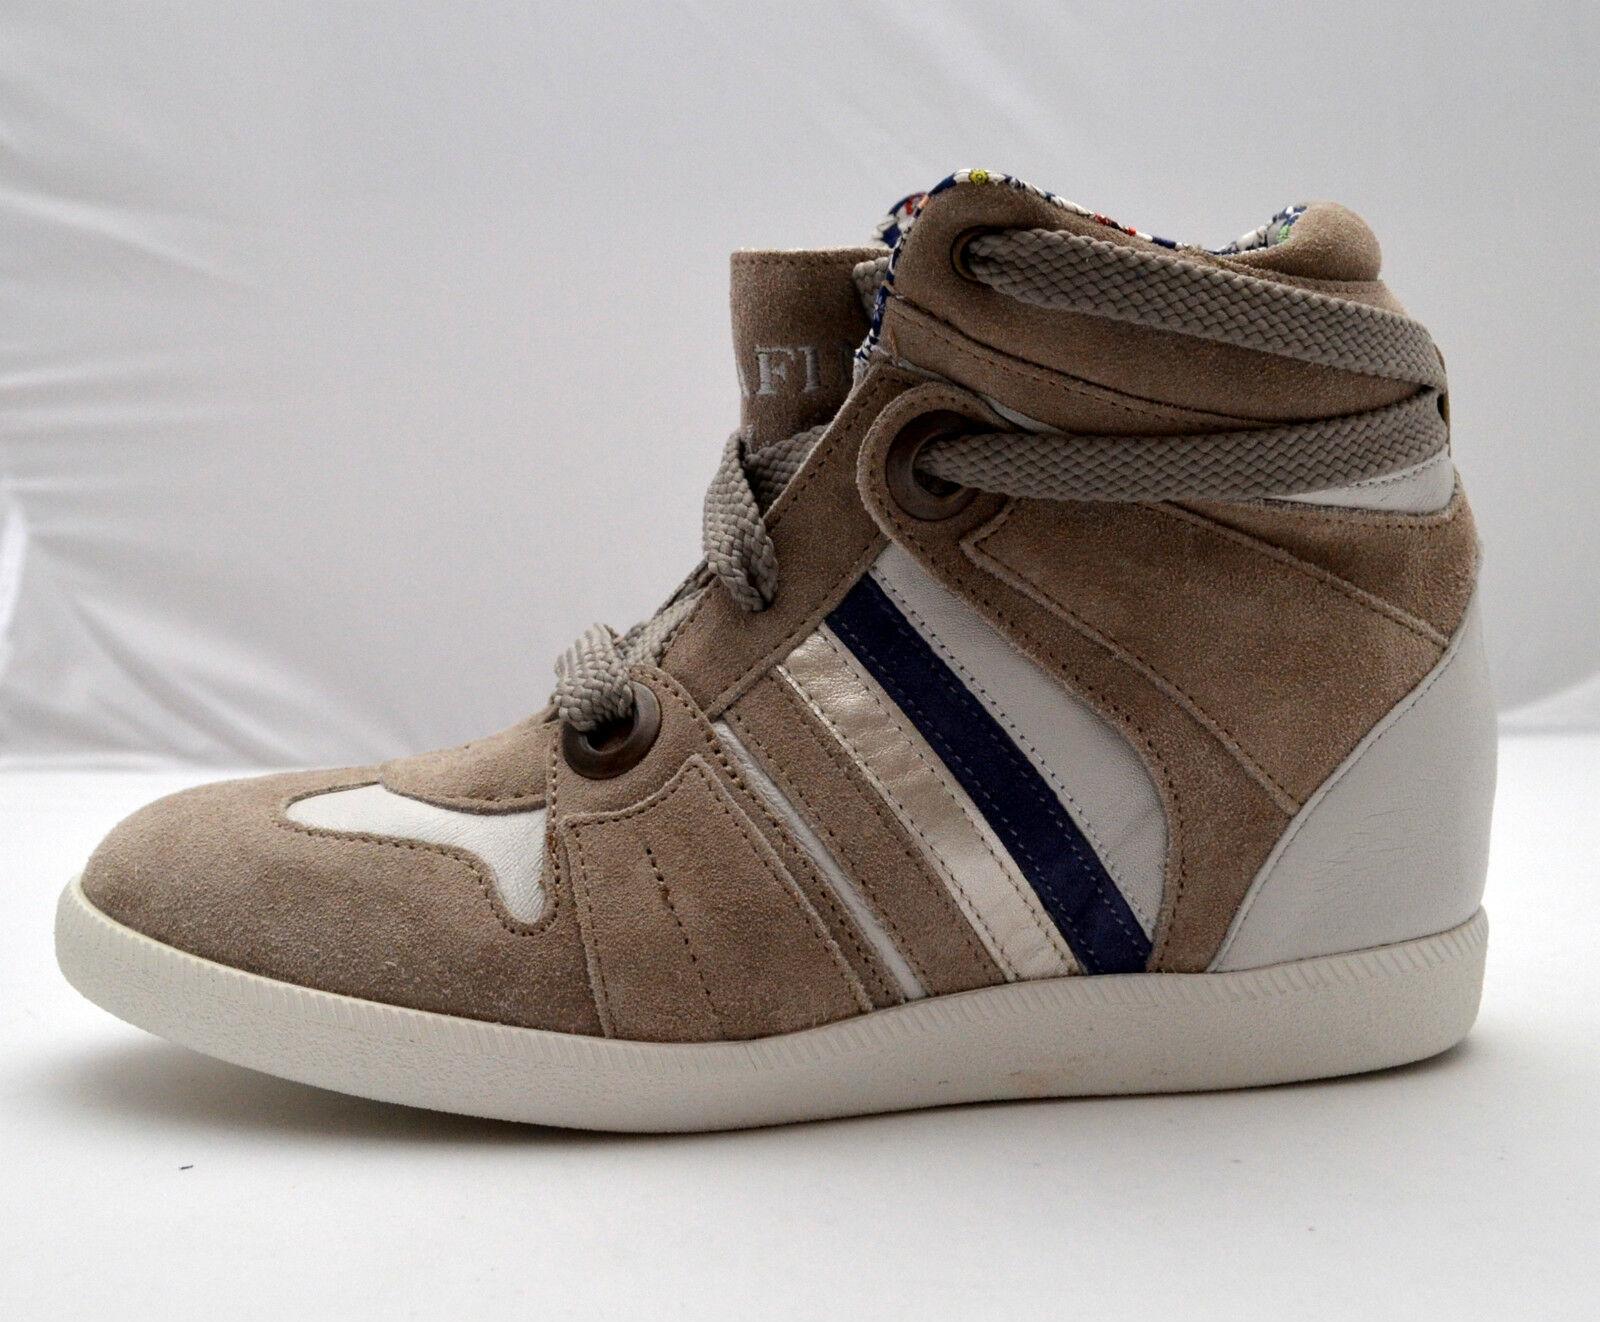 Serafini zapatillas de deporte alta interior de la piel zapatos Mujer Gris Cuña interior alta 20c66c